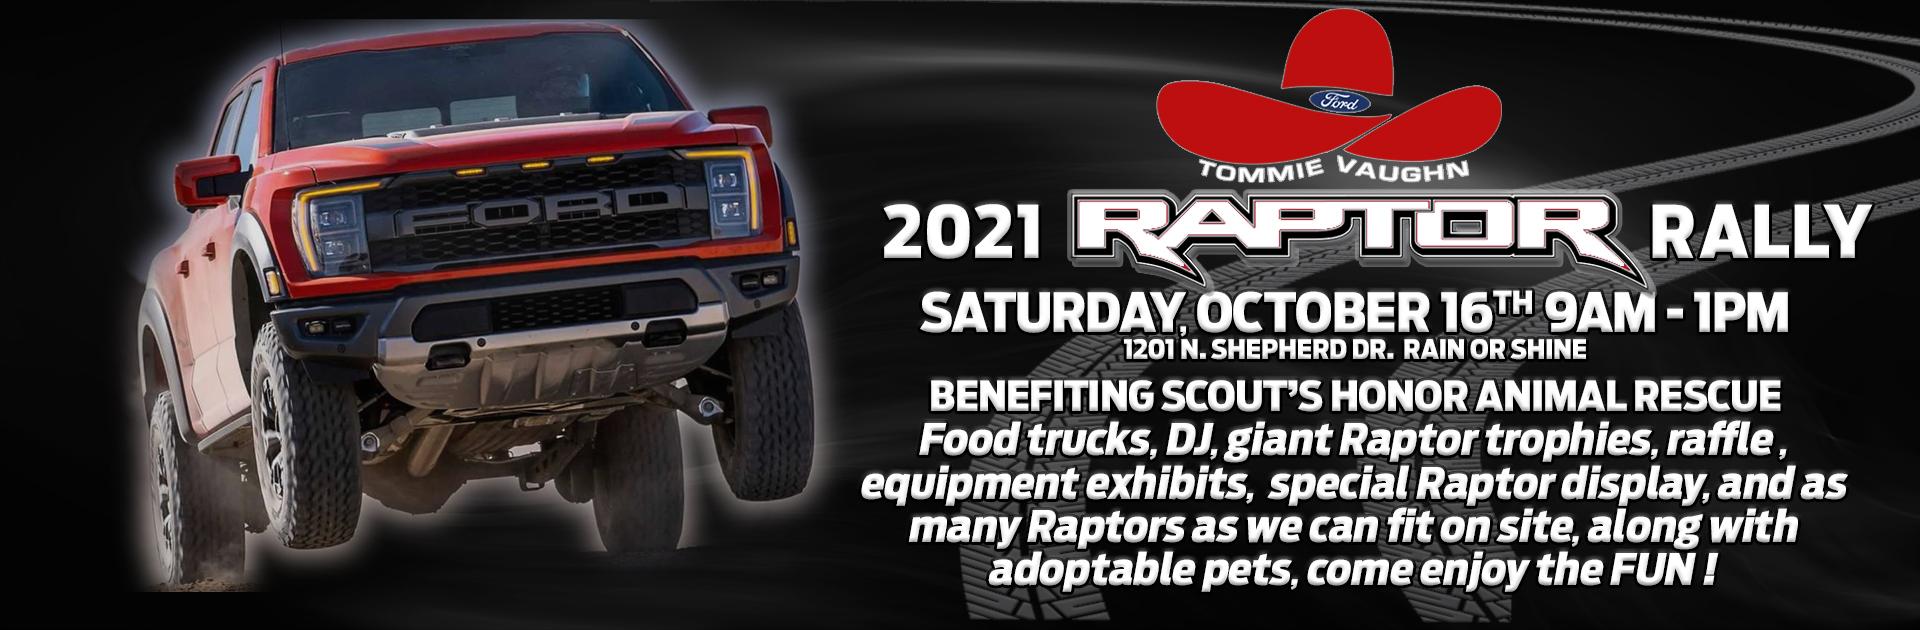 2021 Raptor Rally Banner